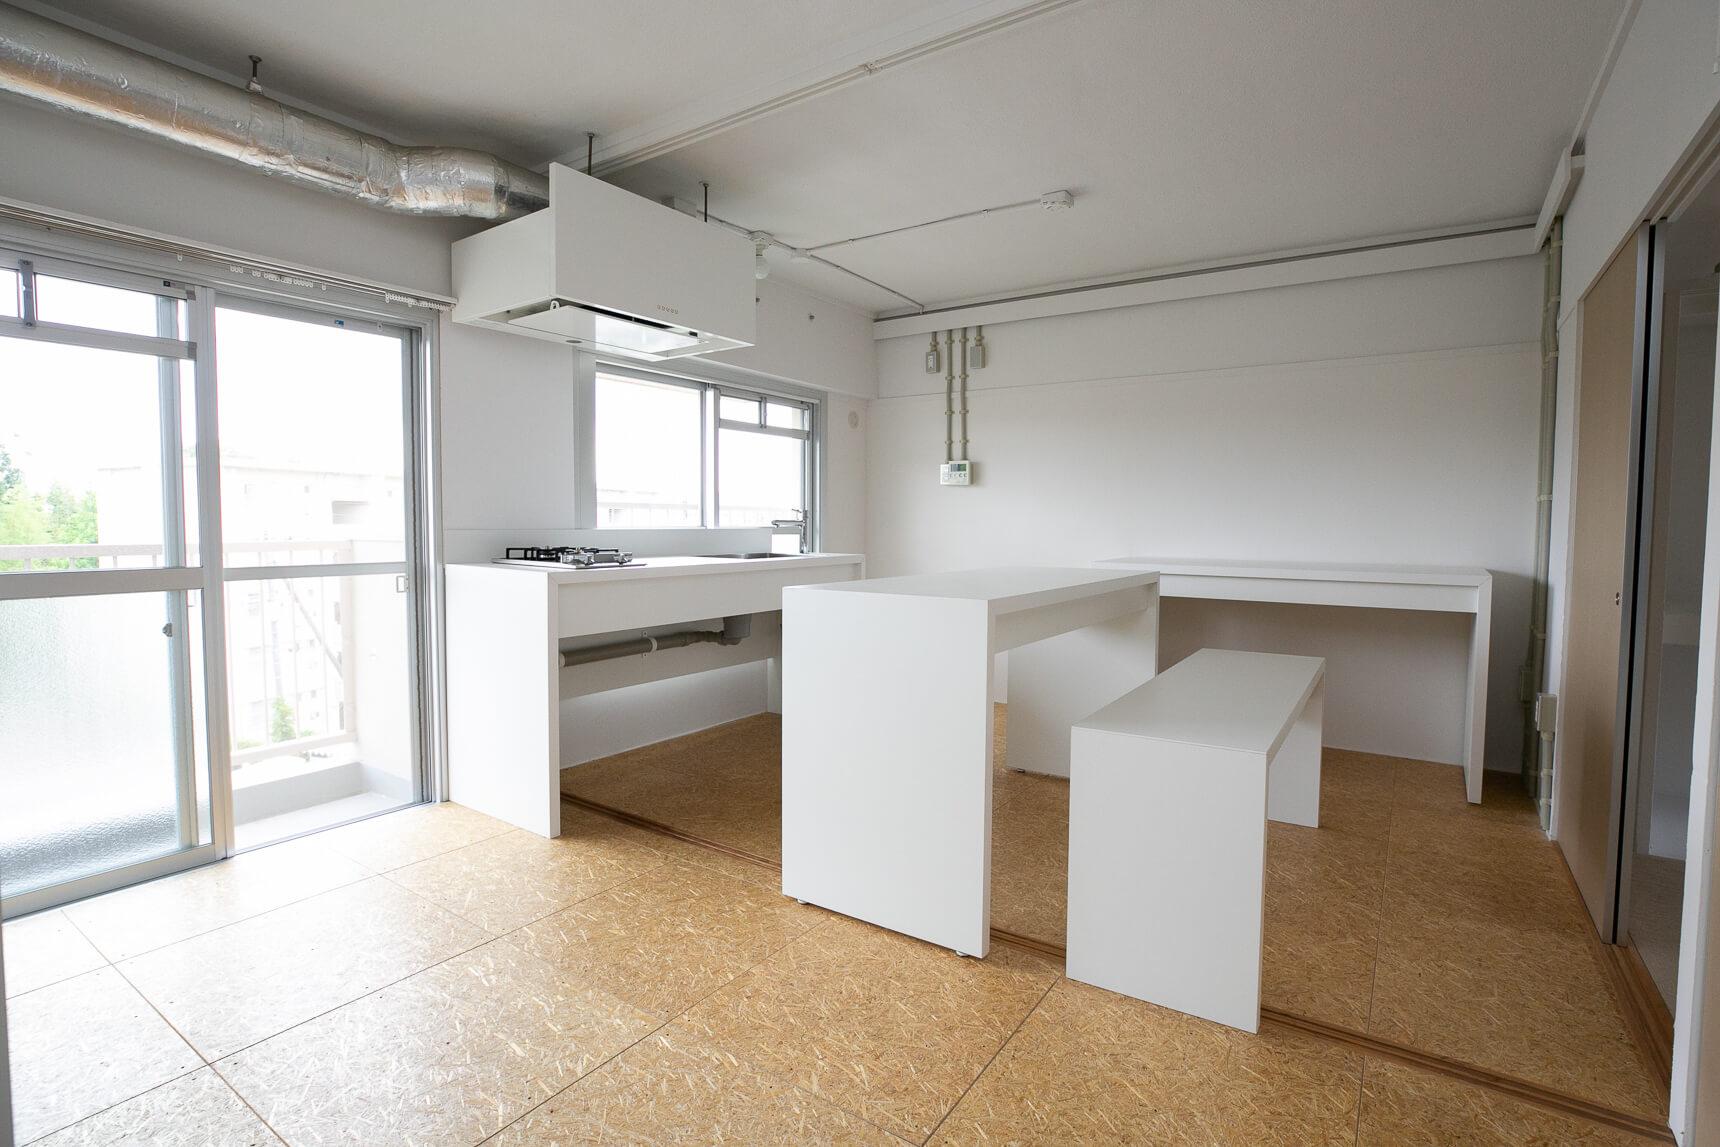 竹林を望む南側の窓に面した気持ちの良いキッチンが特徴のお部屋。キッチンと高さの揃えられたテーブル、ベンチは可動式で、自分の好きなスタイルで使えます。